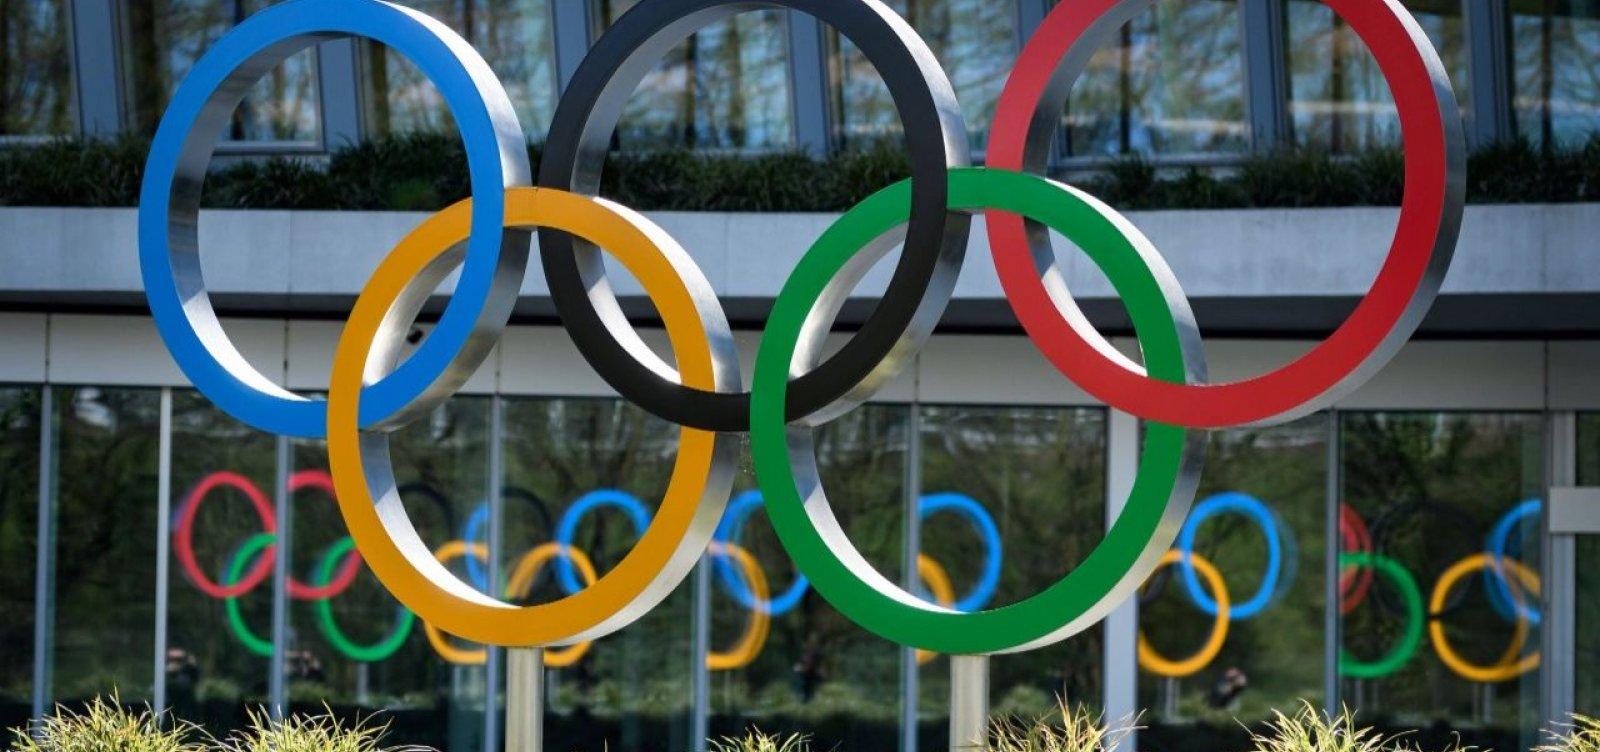 Com Olimpíadas, Japão supera 10 mil casos diários de Covid pela primeira vez